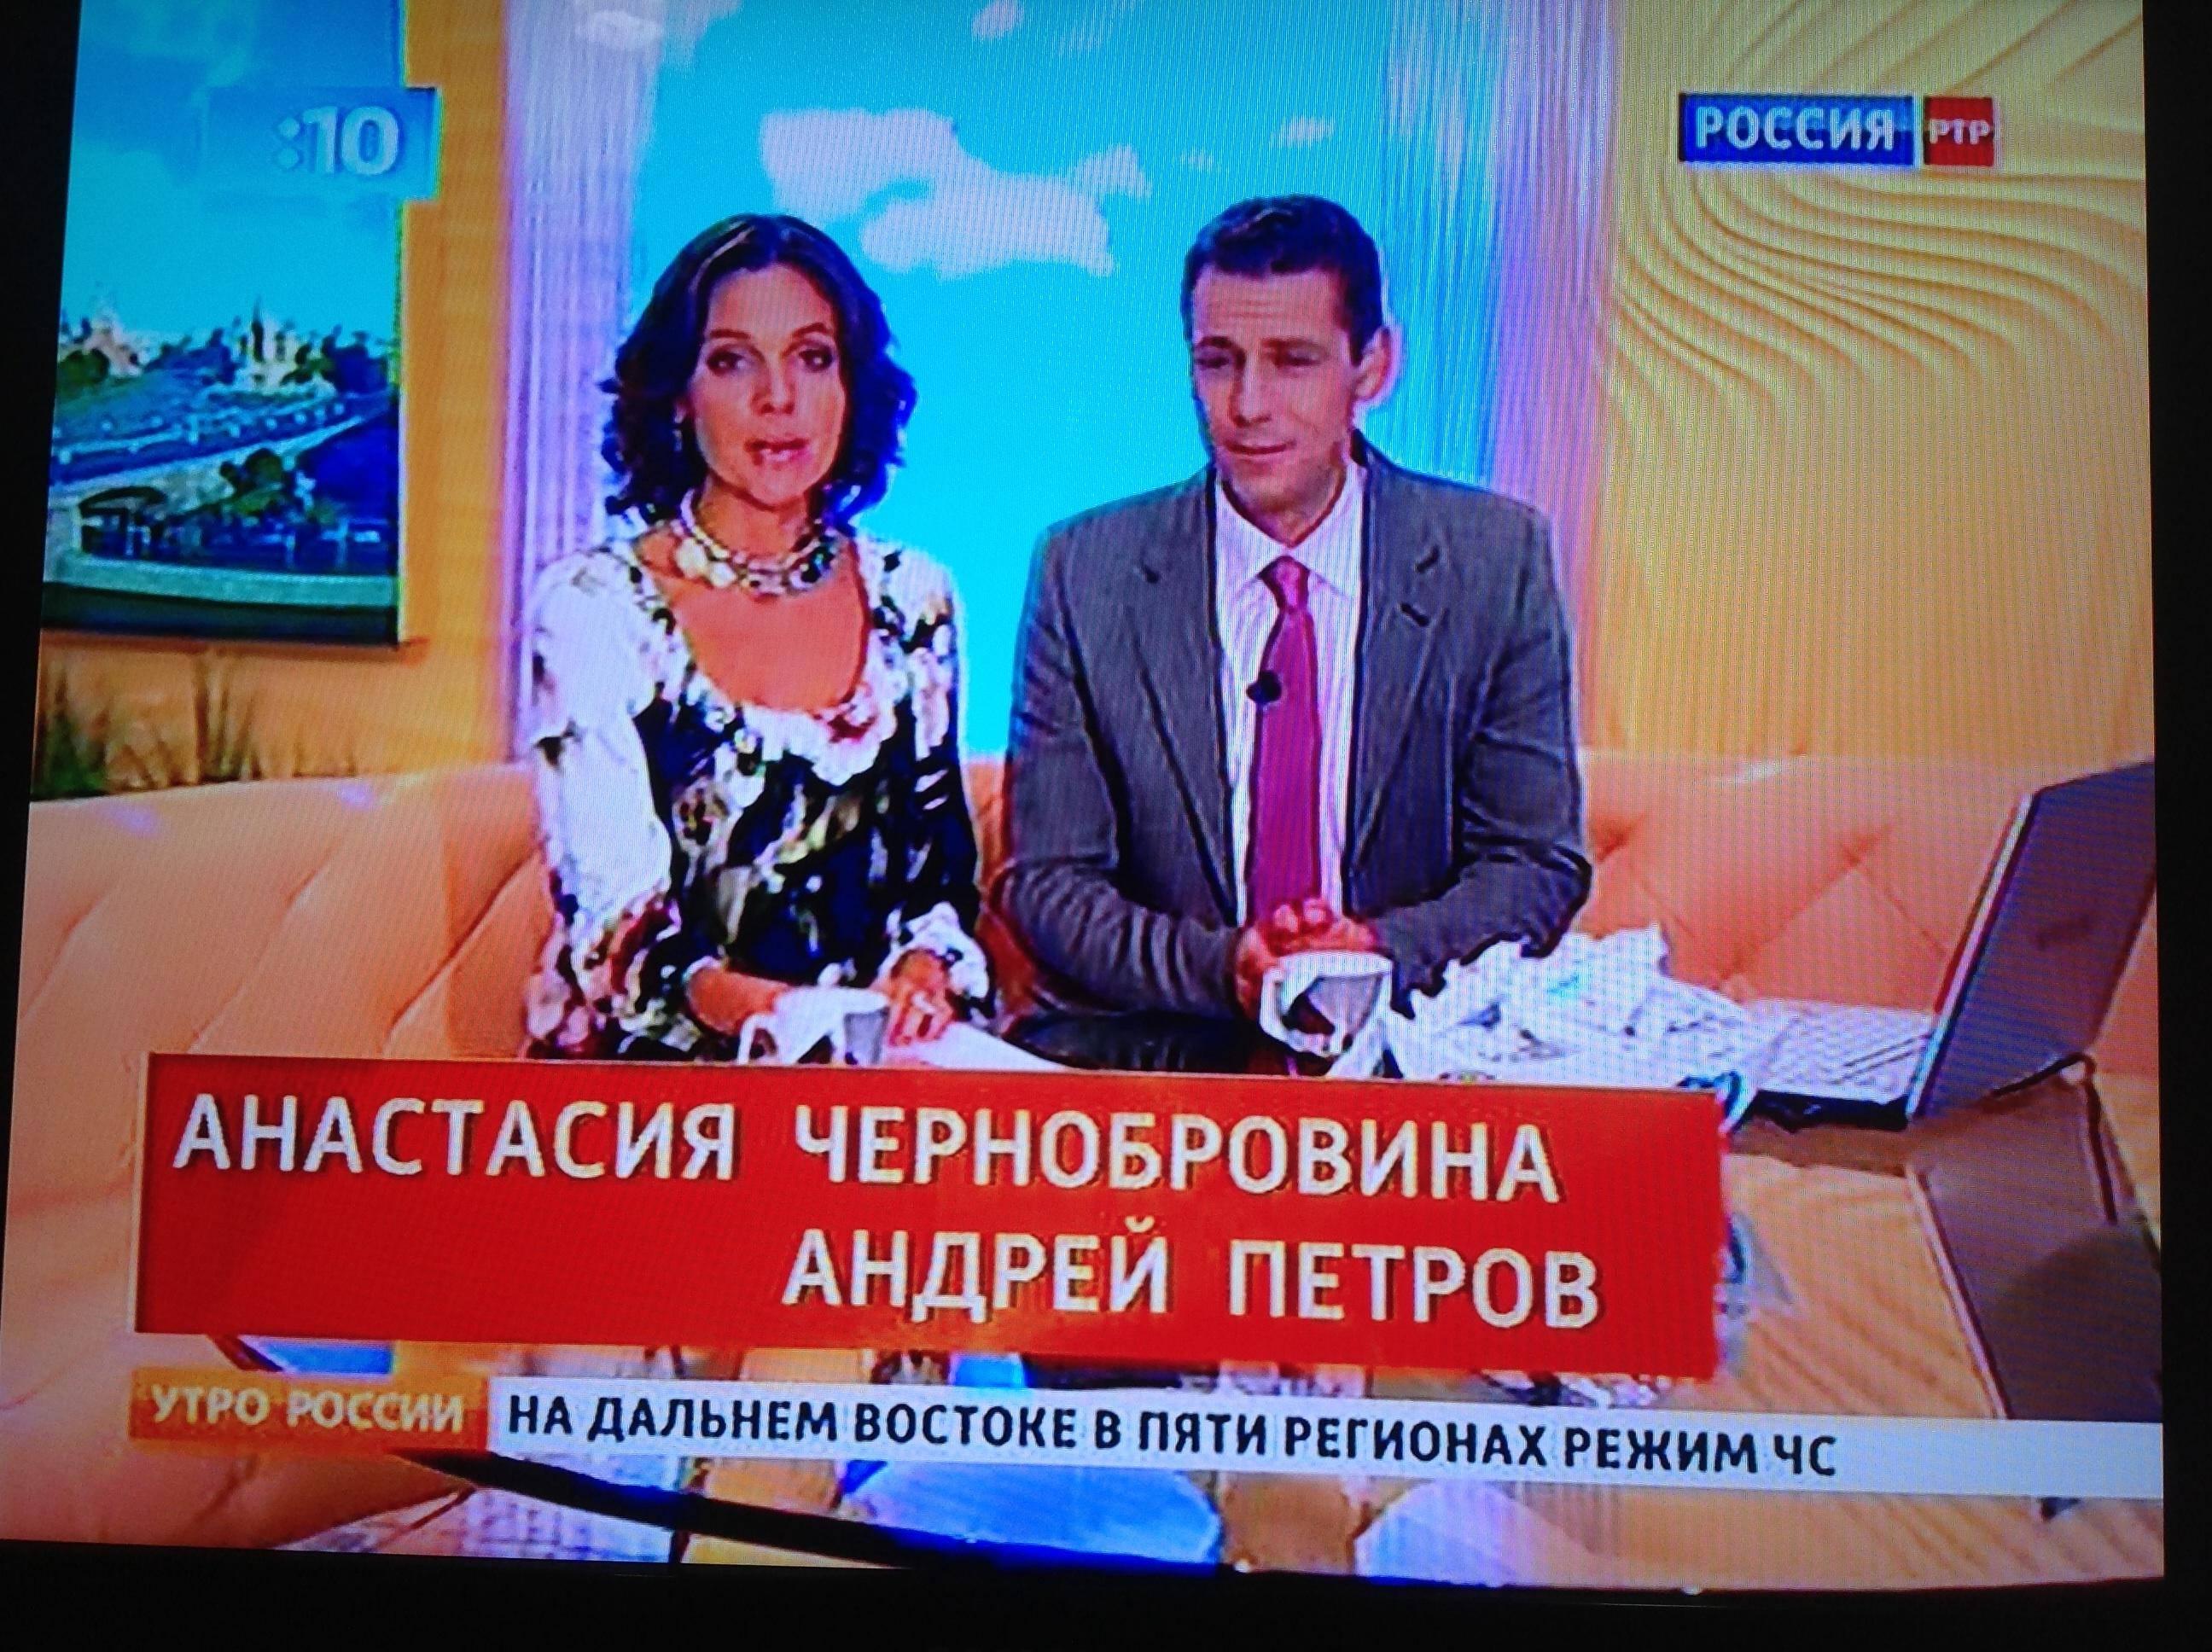 Un programma di RTR Planeta, canale televisivo la cui trasmissione è stata recentemente sospesa in Lituania